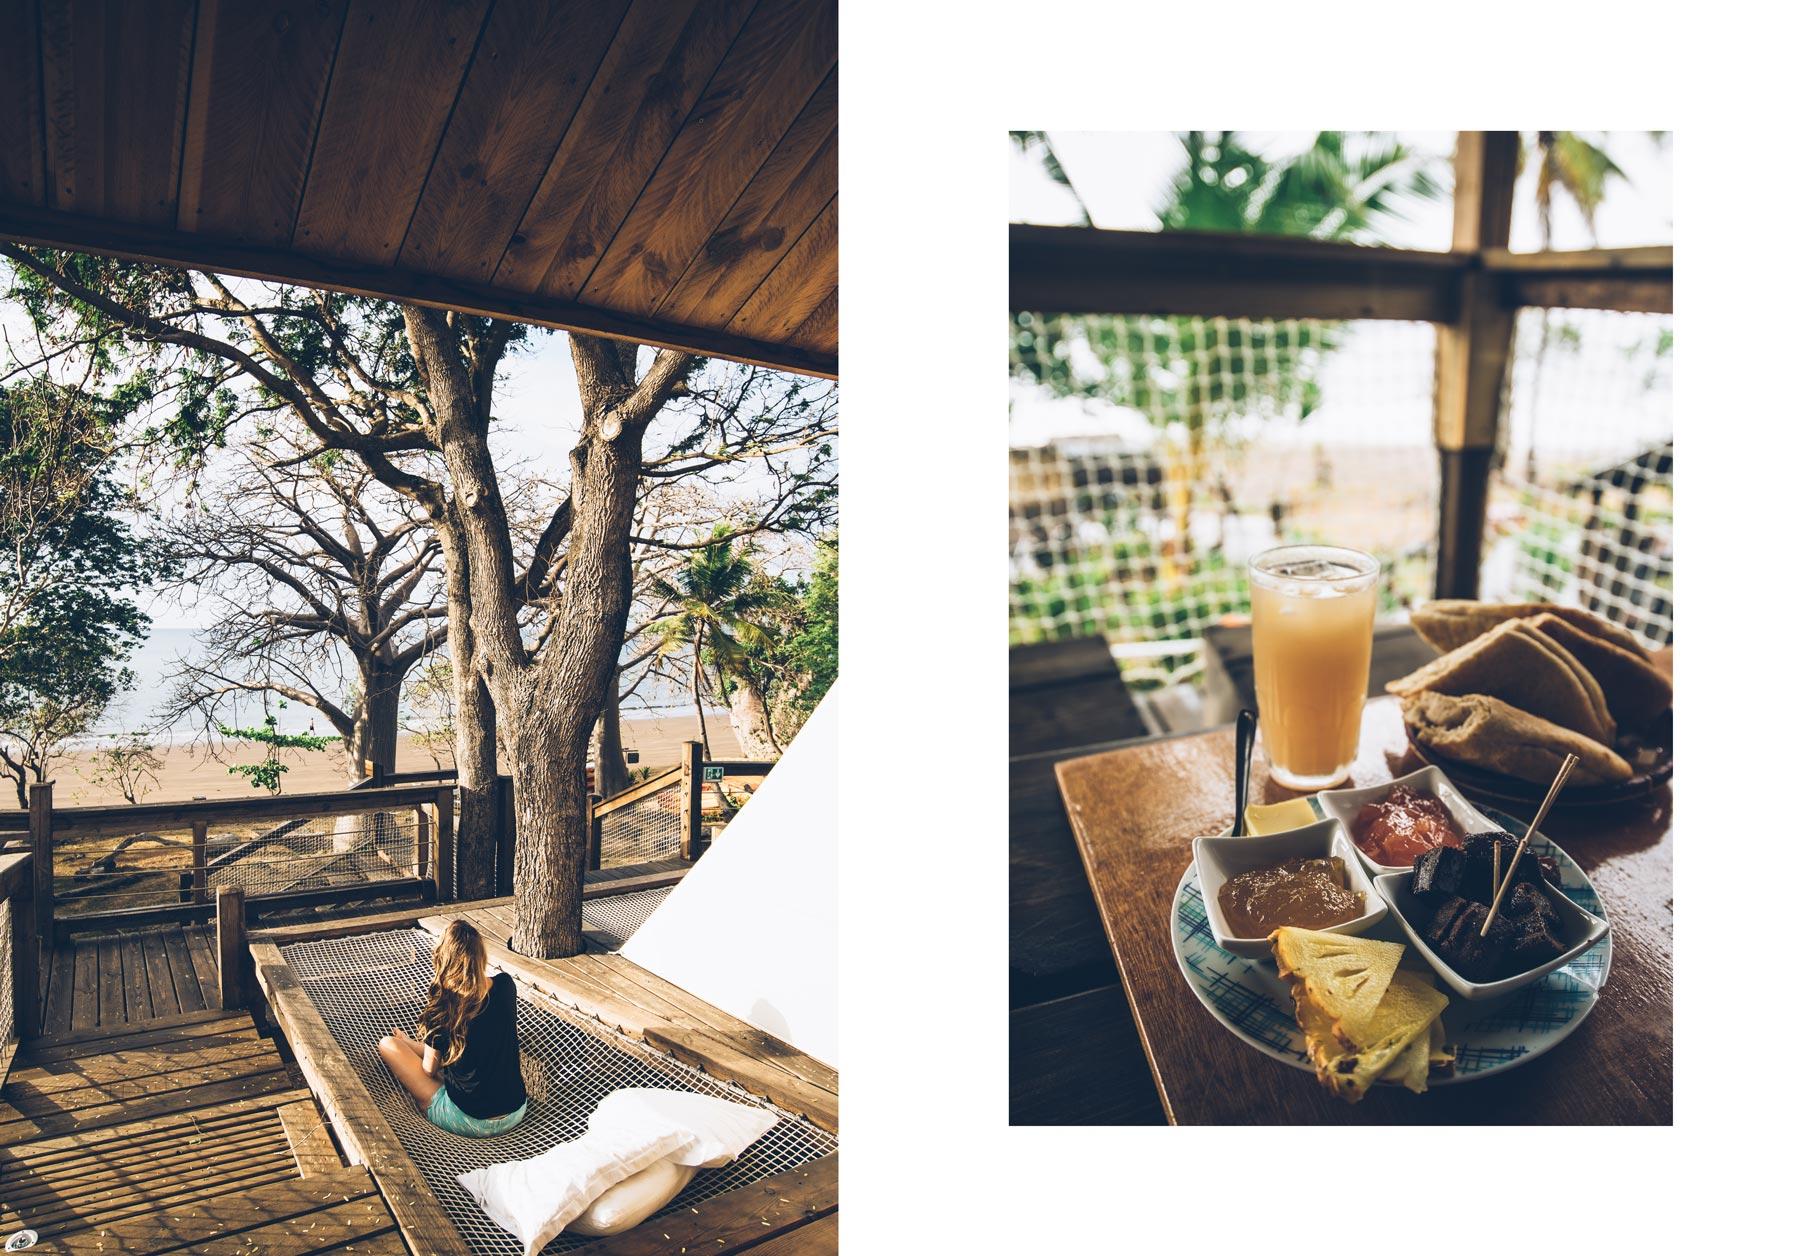 Ololo hotel, Mayotte